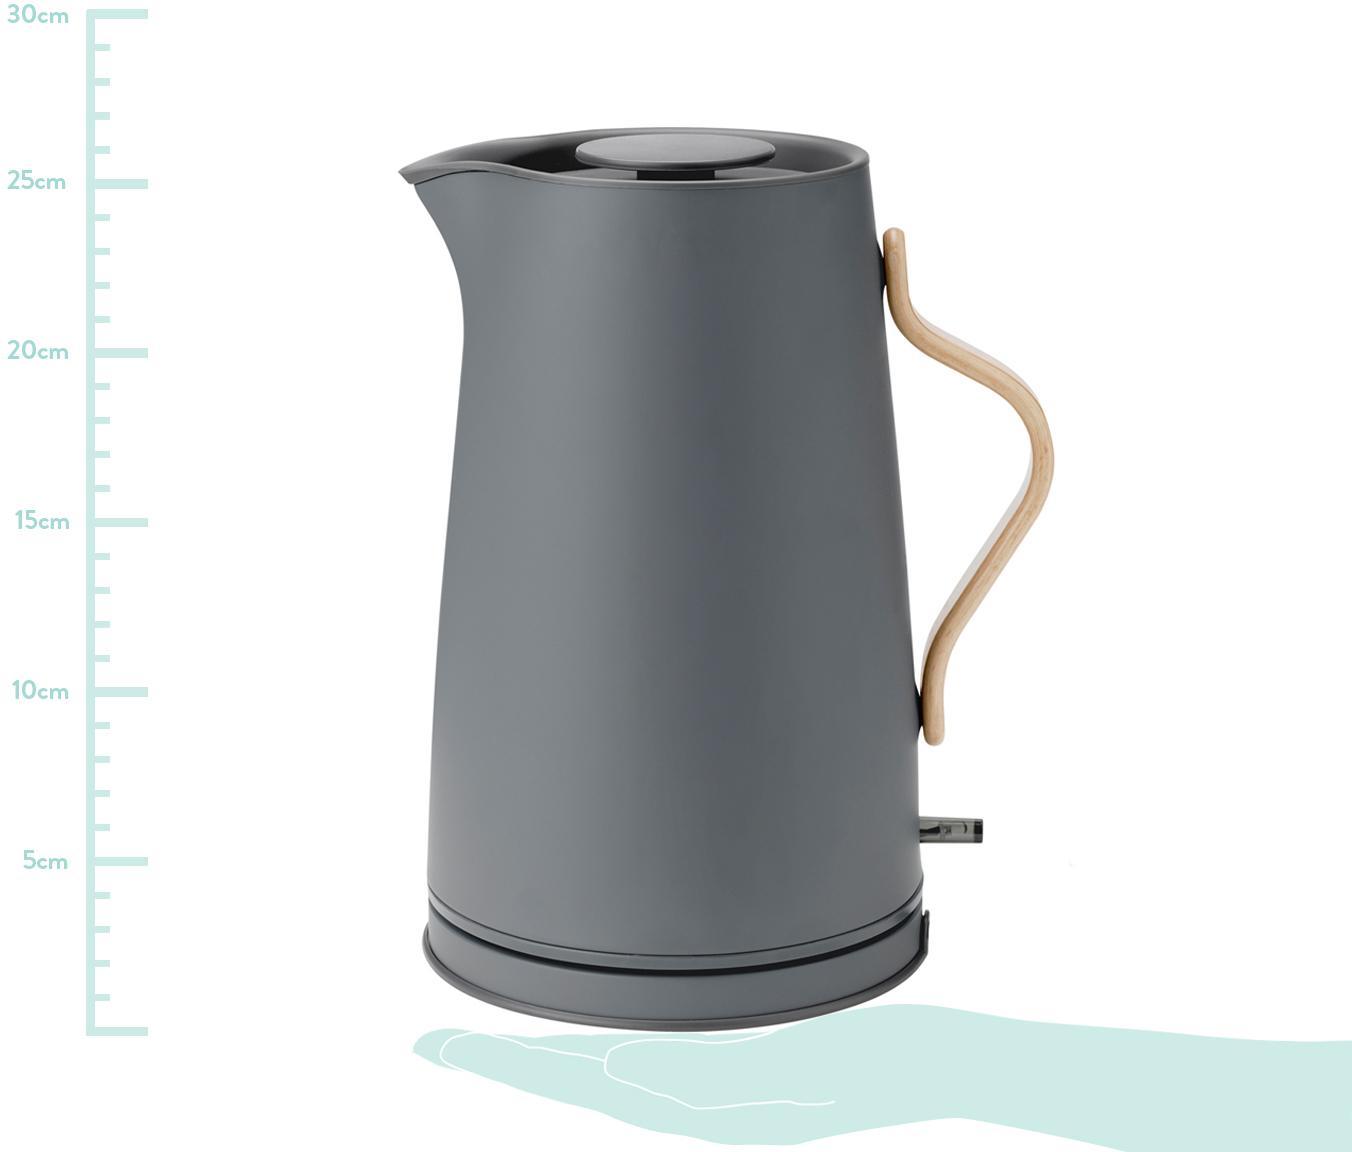 Bollitore elettrico grigio opaco Emma, Struttura: acciaio inossidabile, Manico: legno di faggio, Grigio opaco, 1.2 L